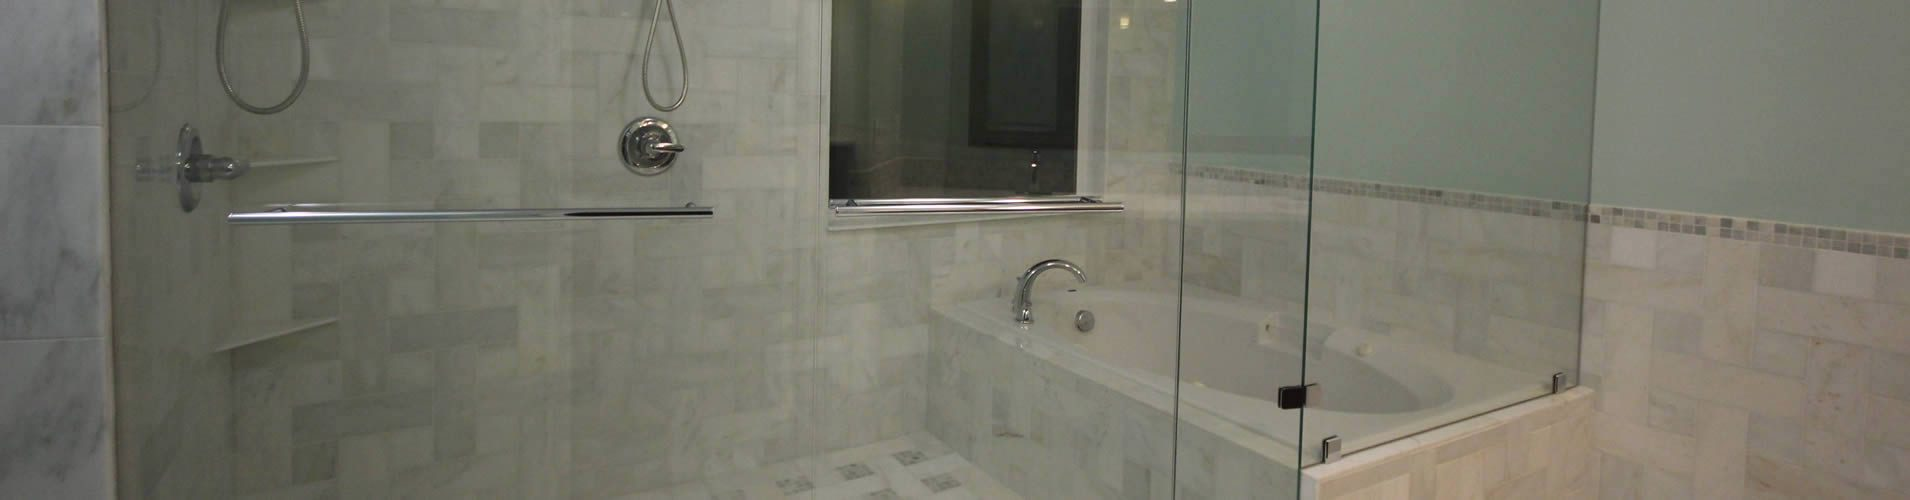 Brentwood TN Shower Doors